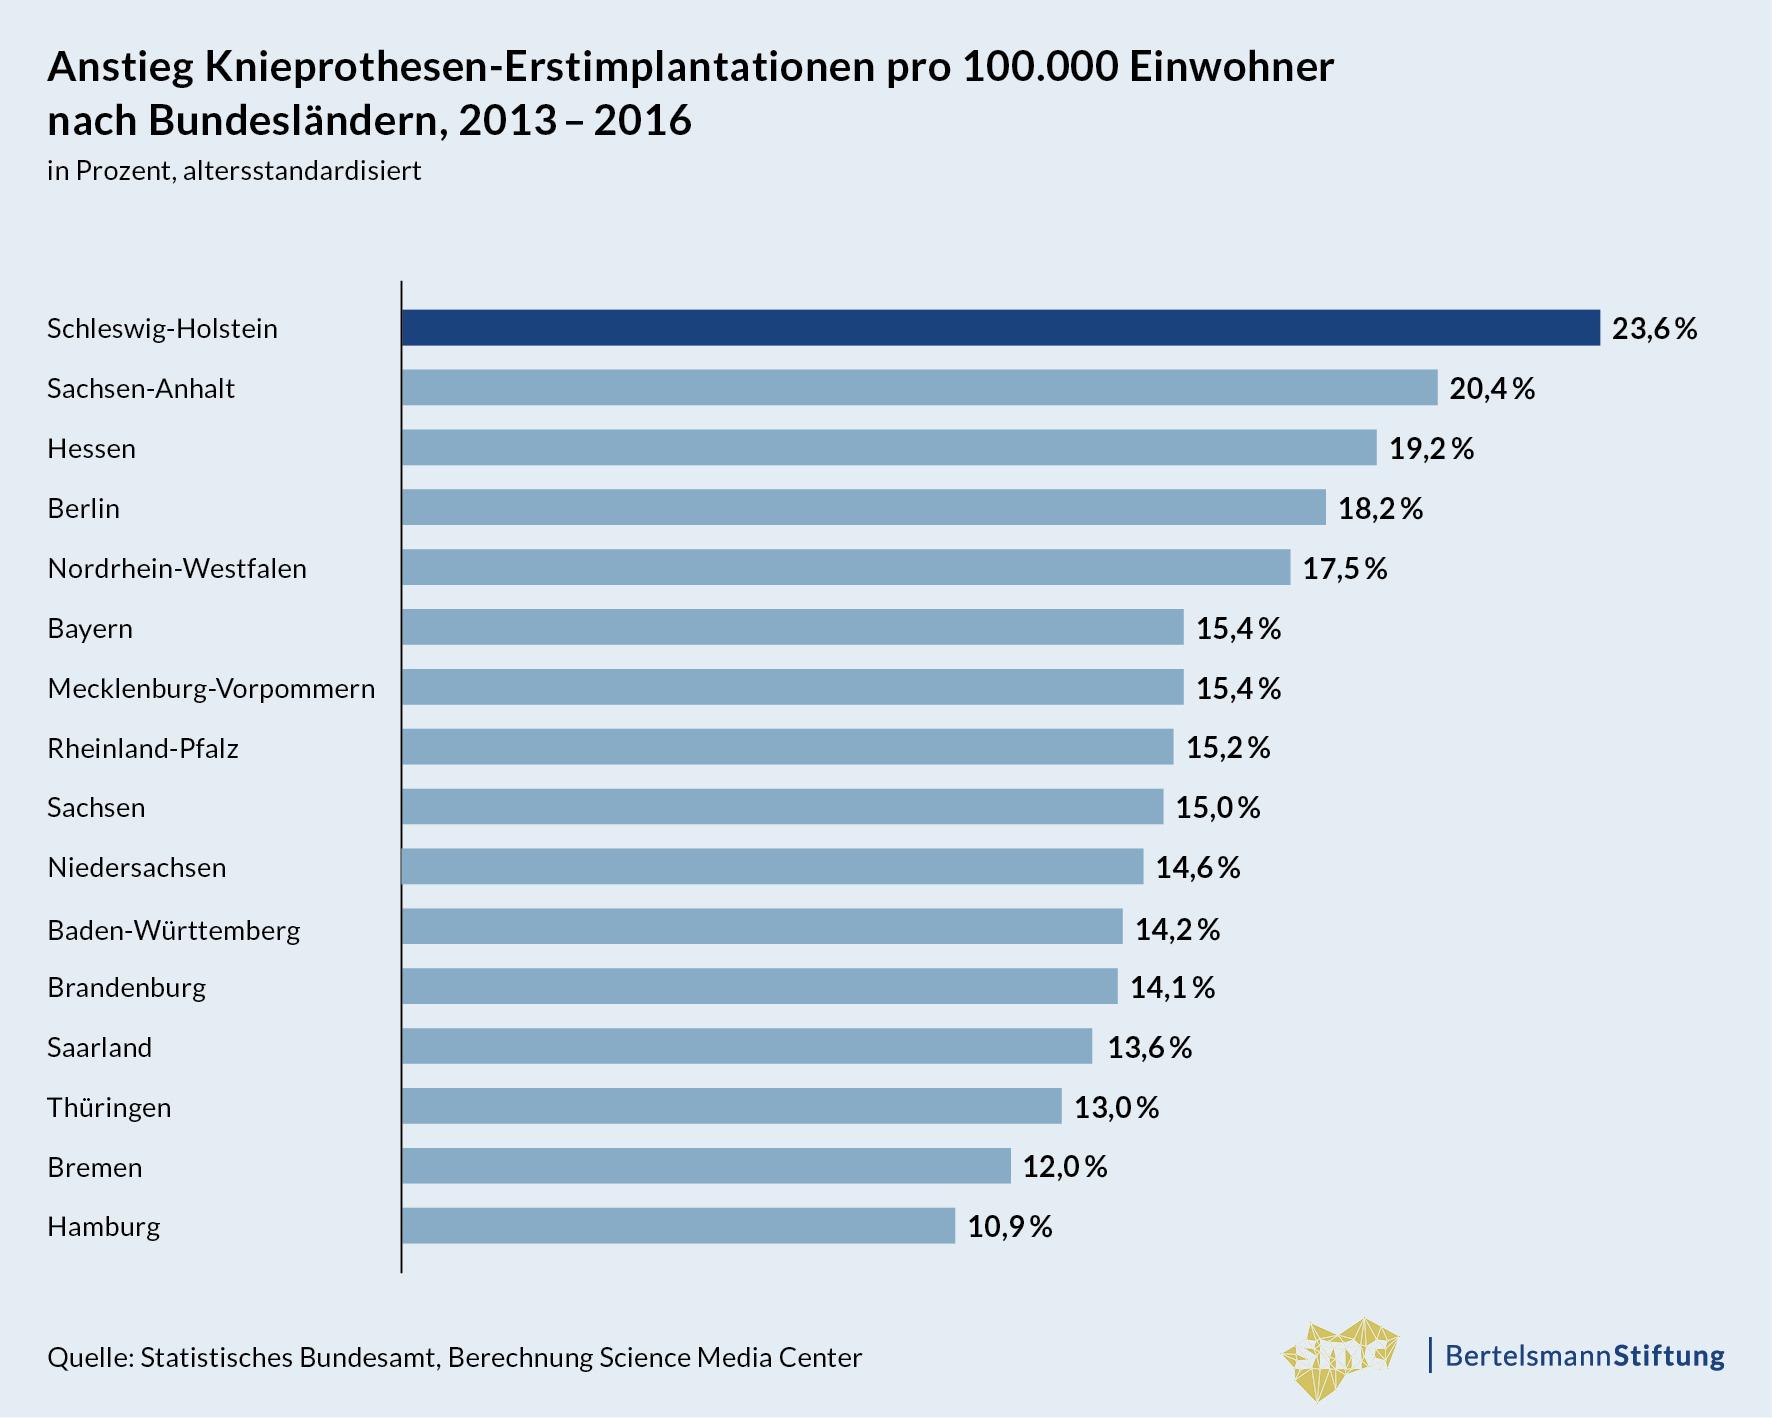 Grafik_02_Analyse-Knieprothesen-Implantationen_Knieprothesen-Anstieg-nach-Bundeslaendern_20180619